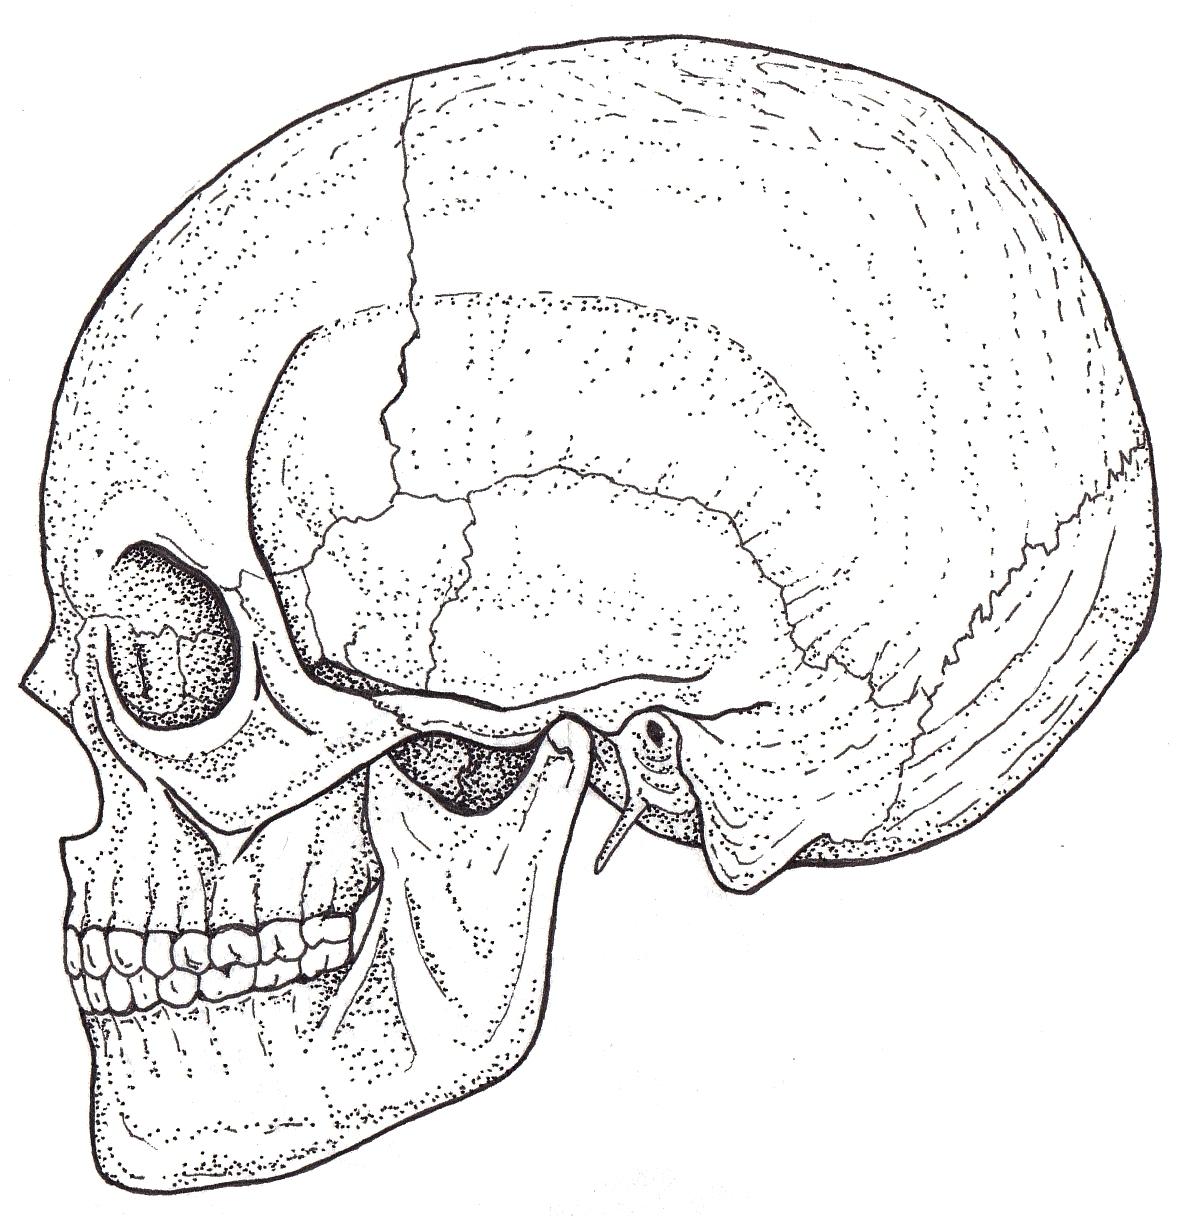 1184x1216 Fileskull.black White Illustration.jpg